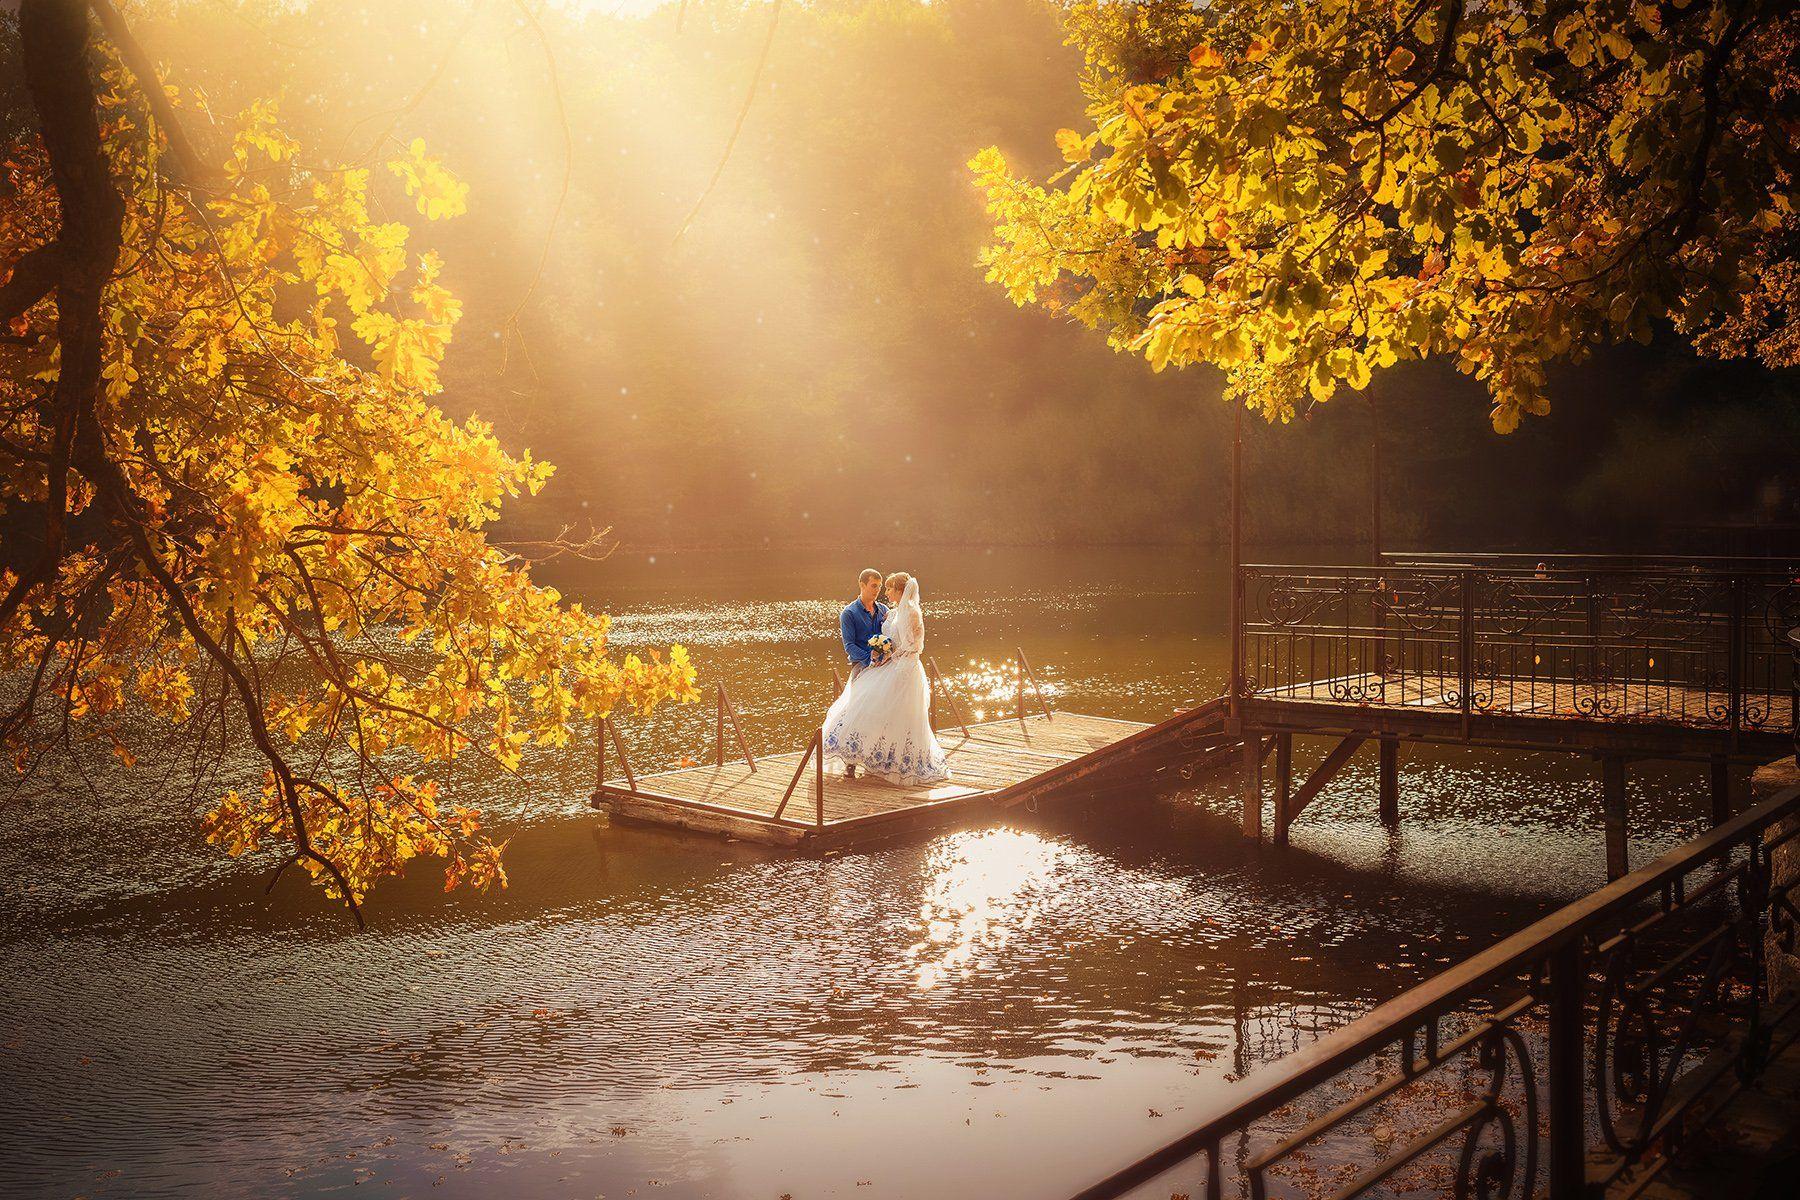 Контровый свет, Молодожены, Мостик, Озеро, Осень, Пруд, Свадьба, Инна Сухова